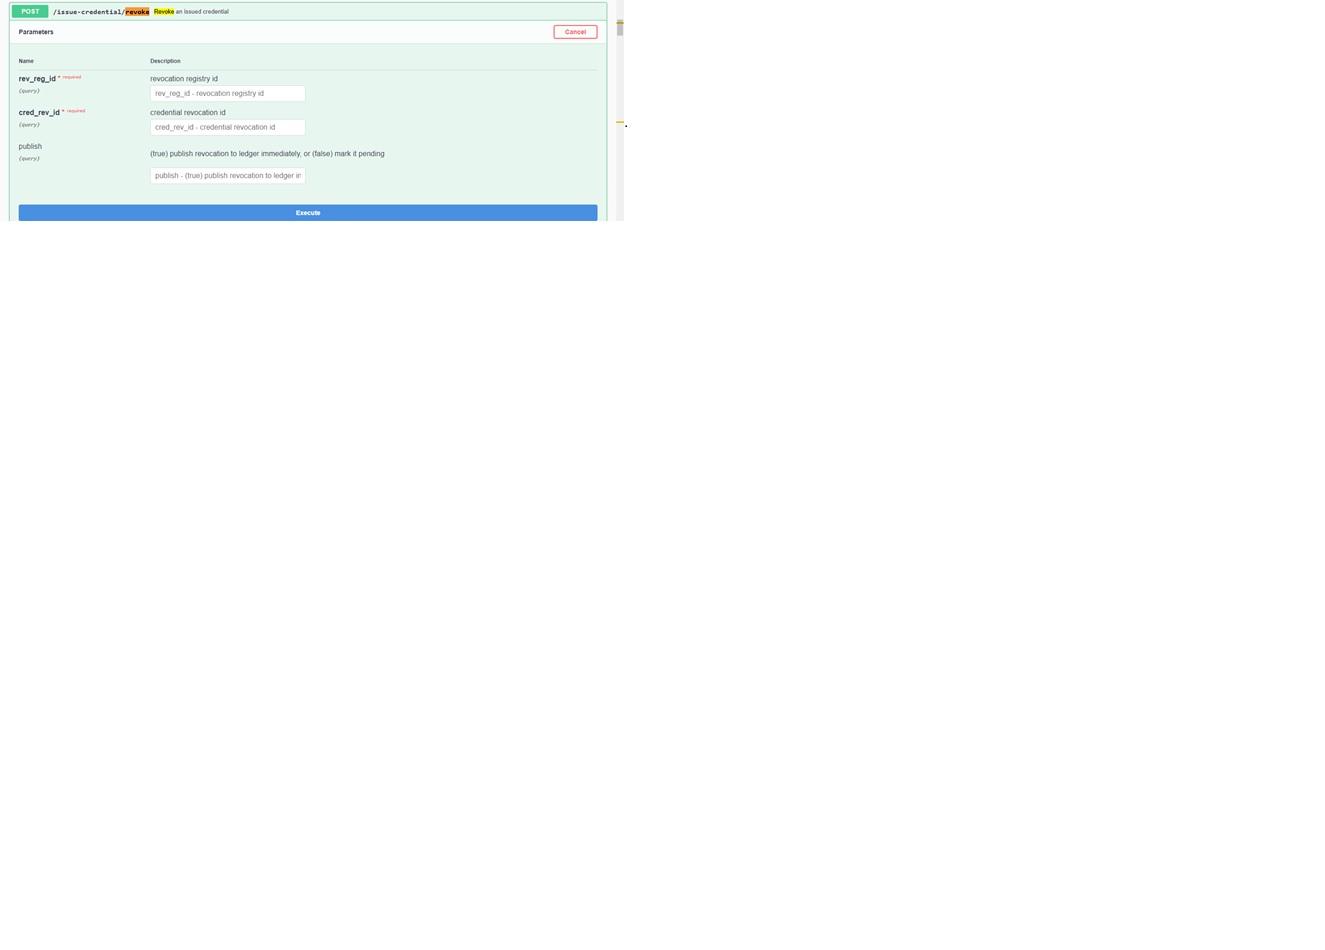 Aries Cloudagent Python How Revocation Works Issue 505 Hyperledger Aries Cloudagent Python Github